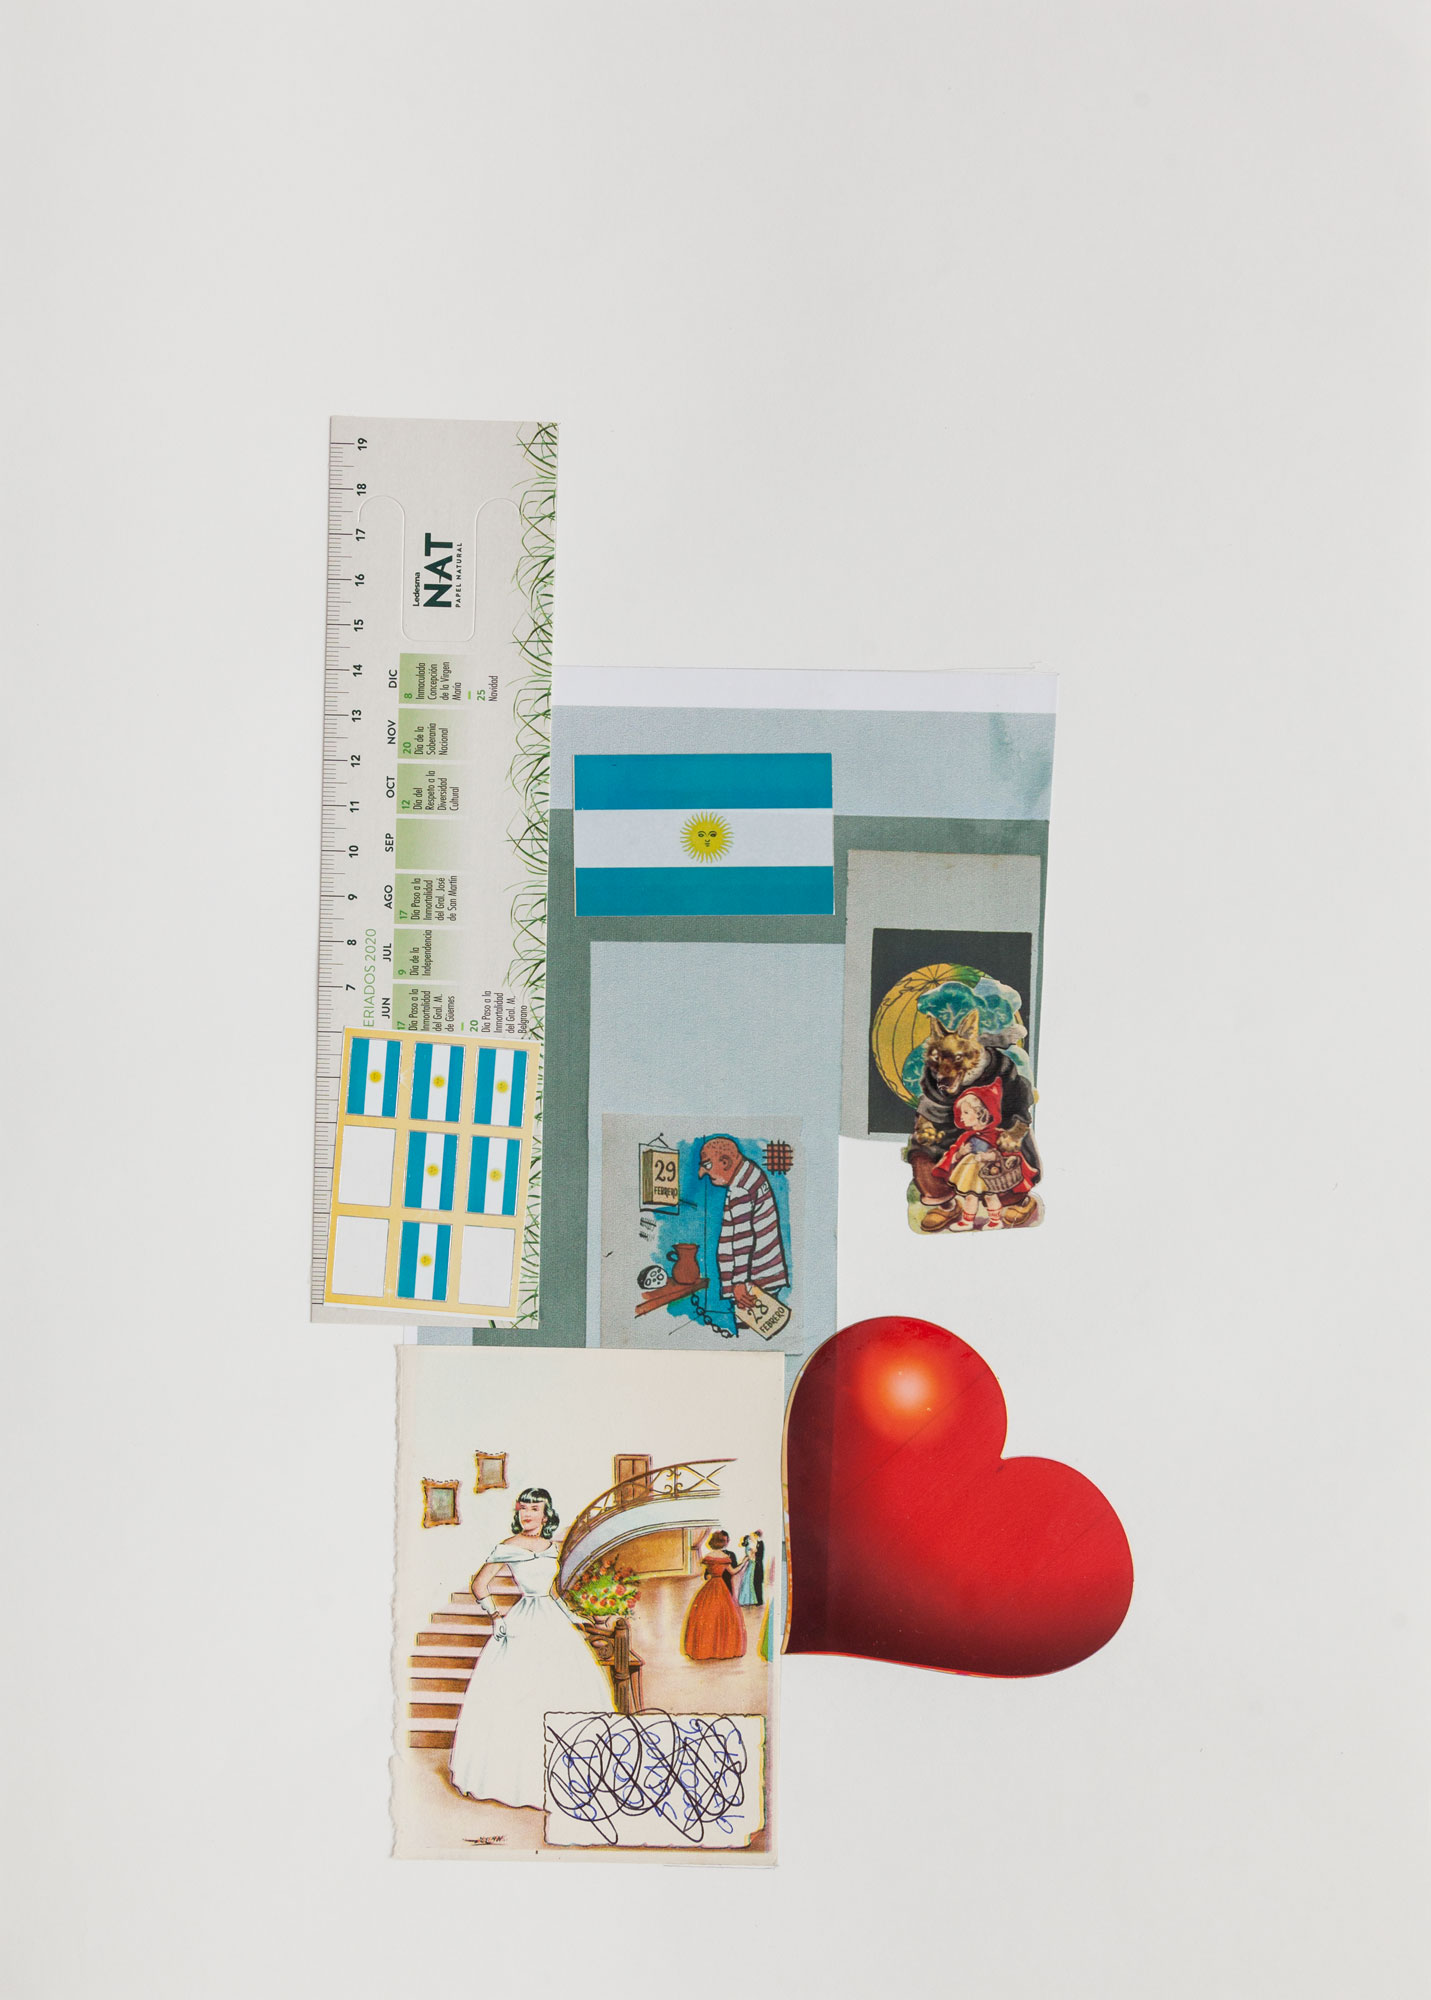 Puro corazón, serie La sutileza de la imagen_papel collage 44 cm x 31 cm 2020